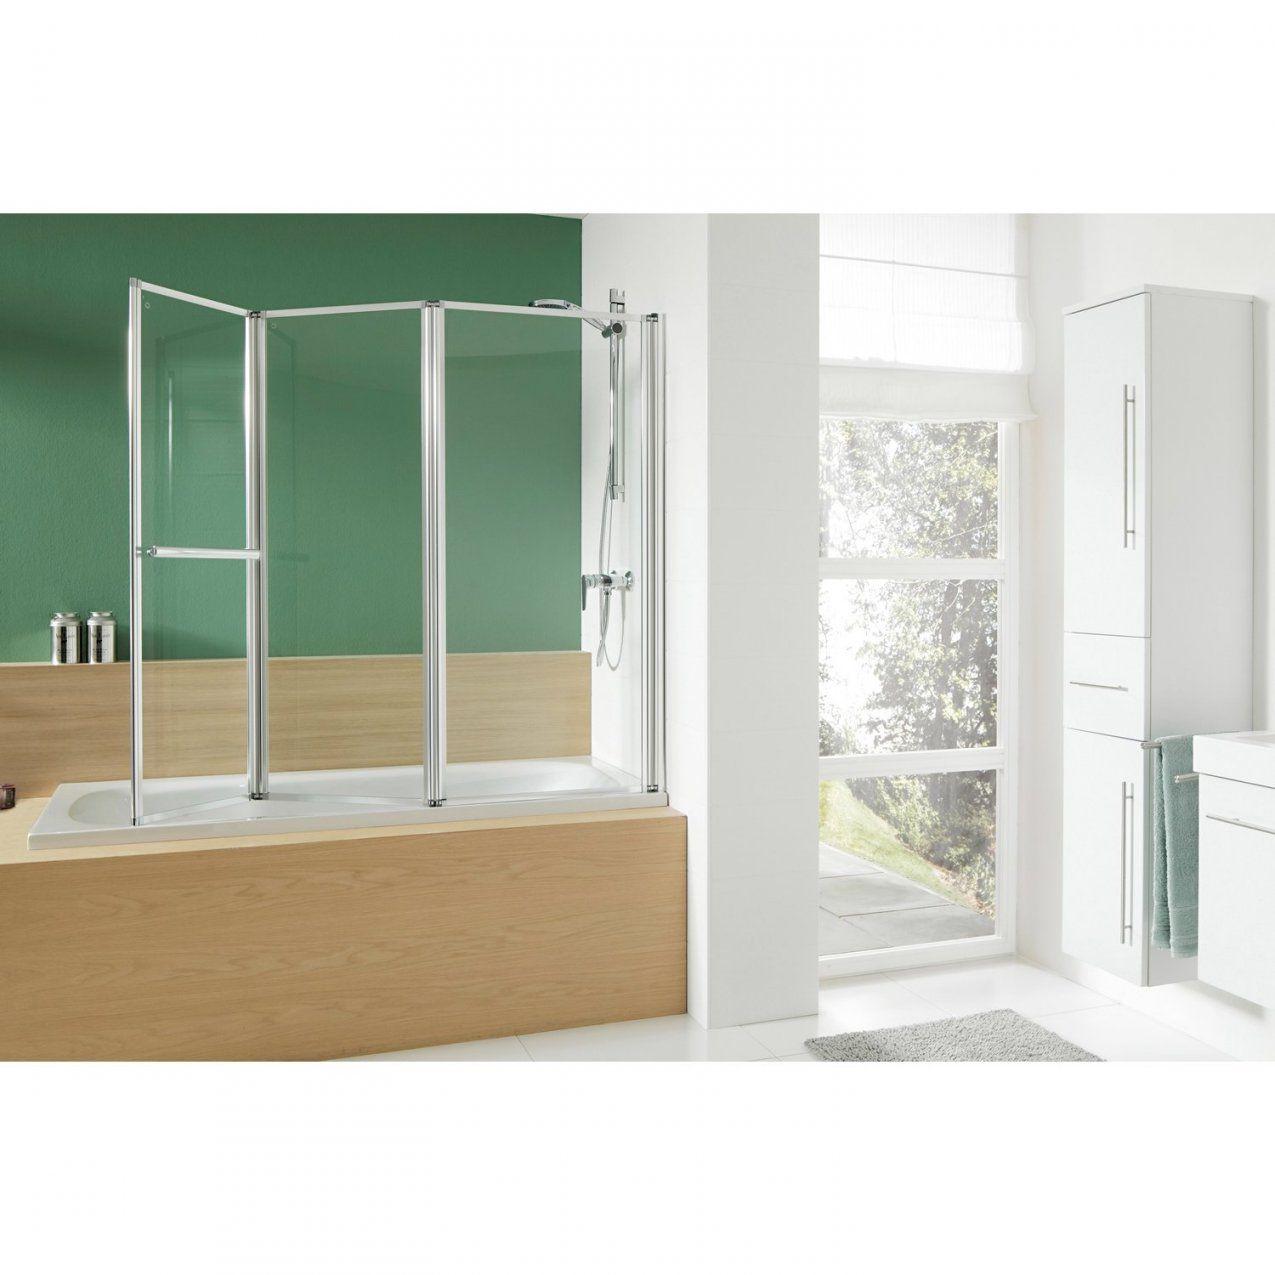 Obi Badewannenaufsatz Mit Handtuchhalter Mela Iii Echtglas 140 Cm X von Duschwand Für Badewanne Obi Photo